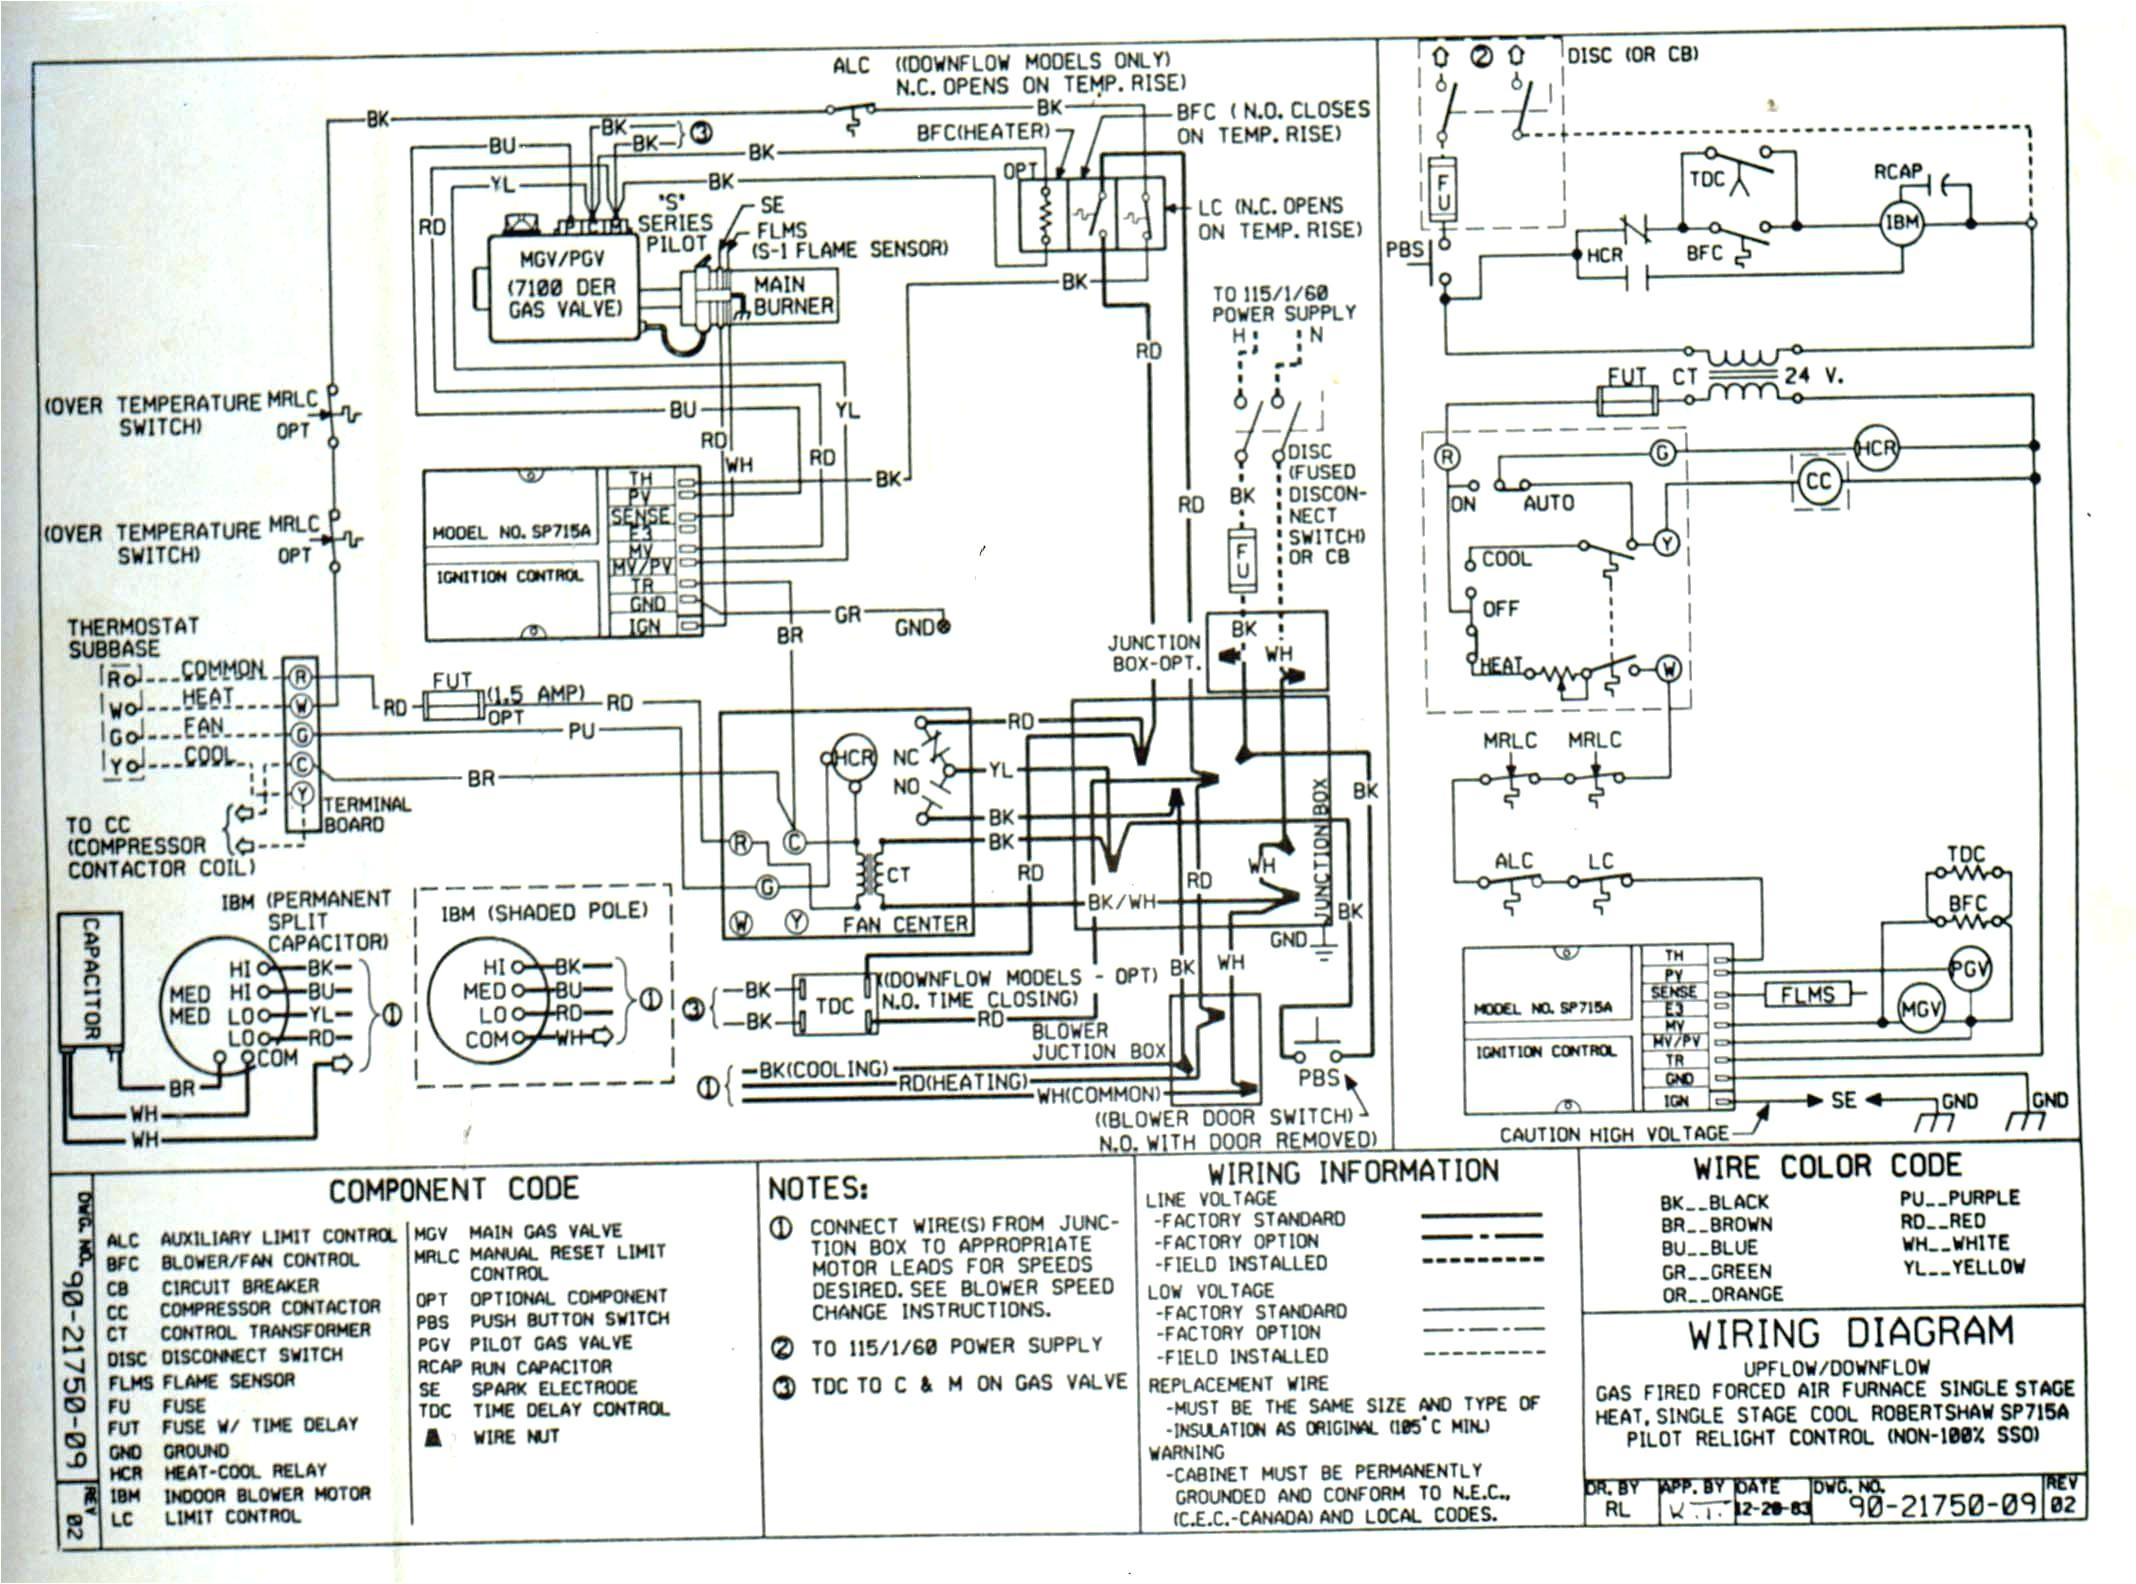 Power Flame Burner Wiring Diagram Xv Wiring Diagram Trane 2 0i Wiring Diagram Article